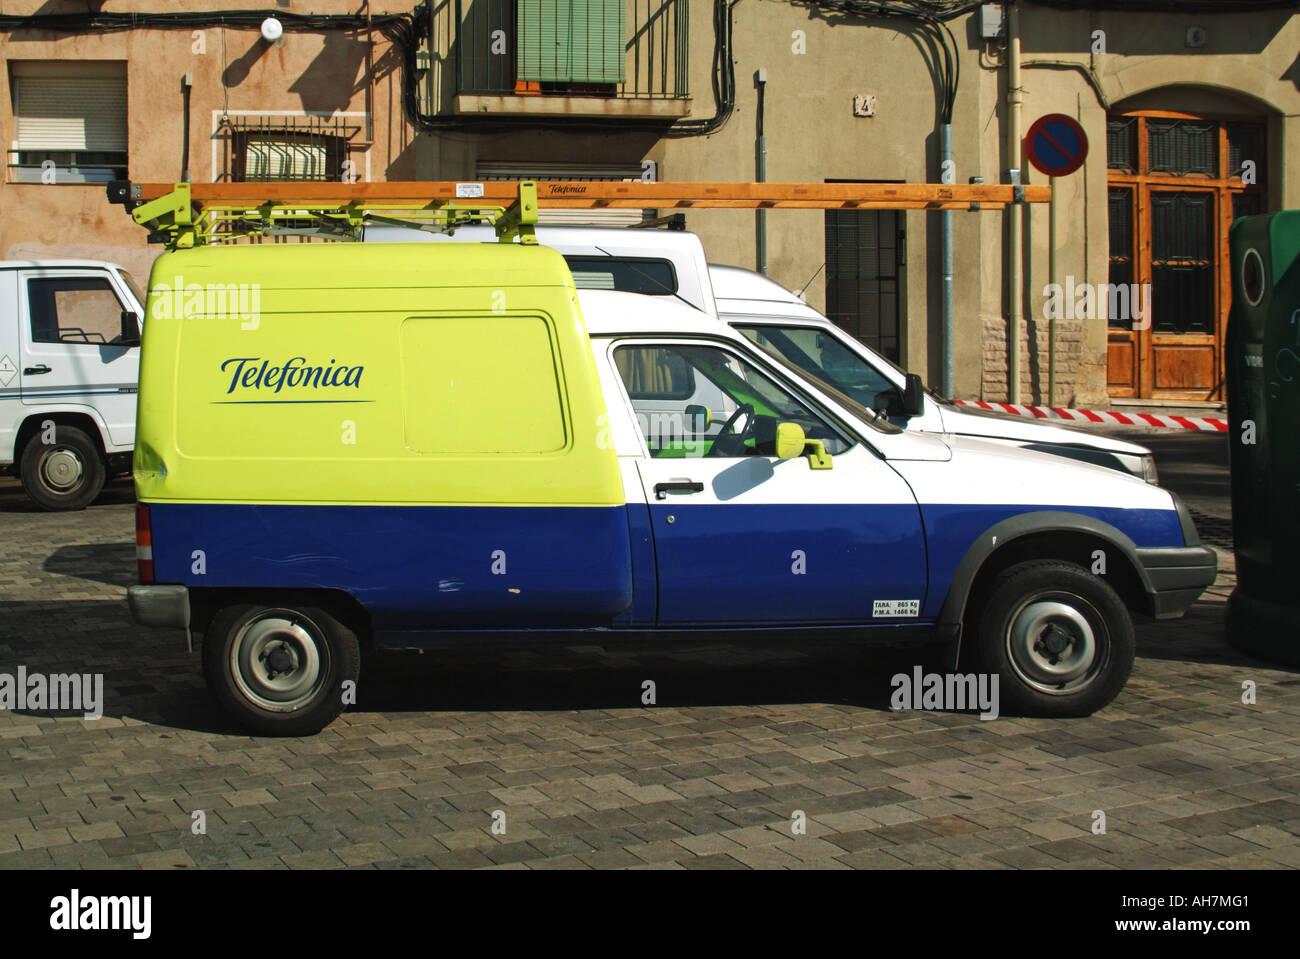 Tarragona dented Telefonica engineers van parked - Stock Image